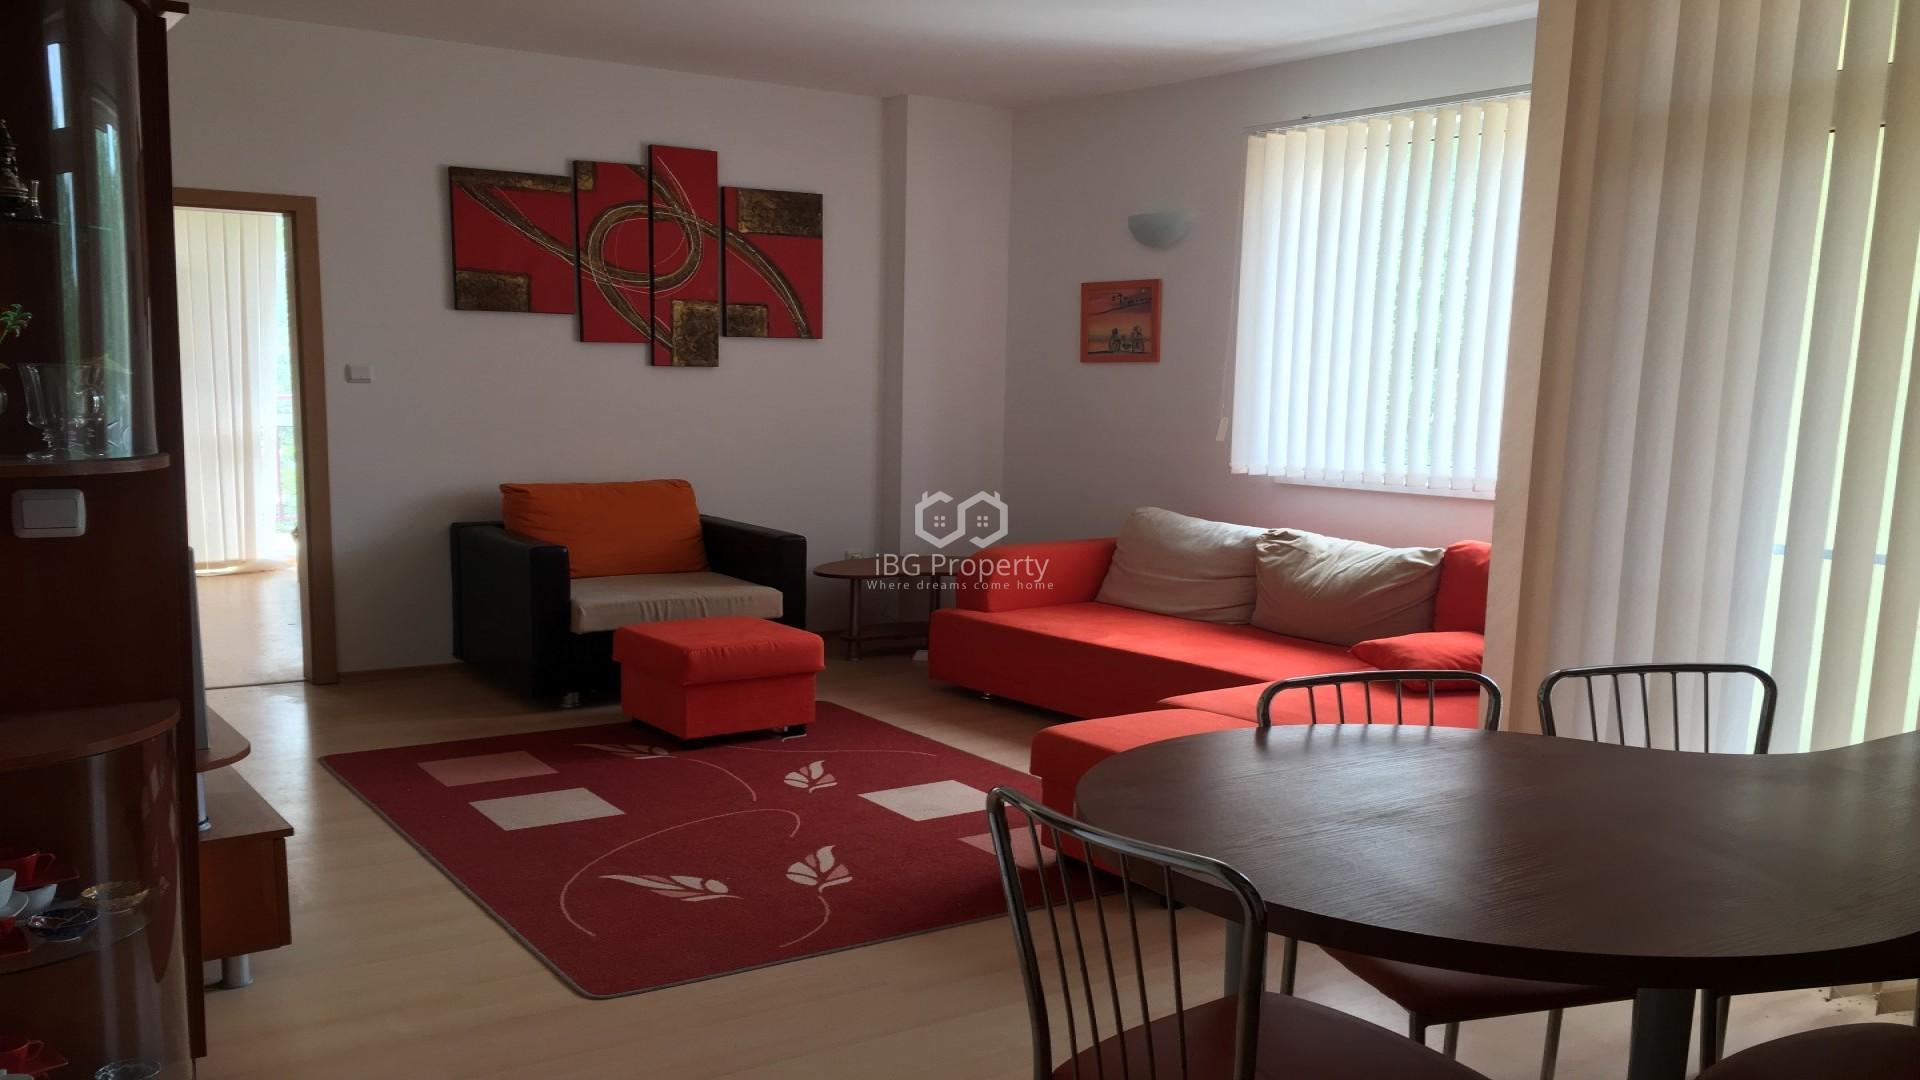 Двустаен апартамент Слънчев Бряг 62 m2